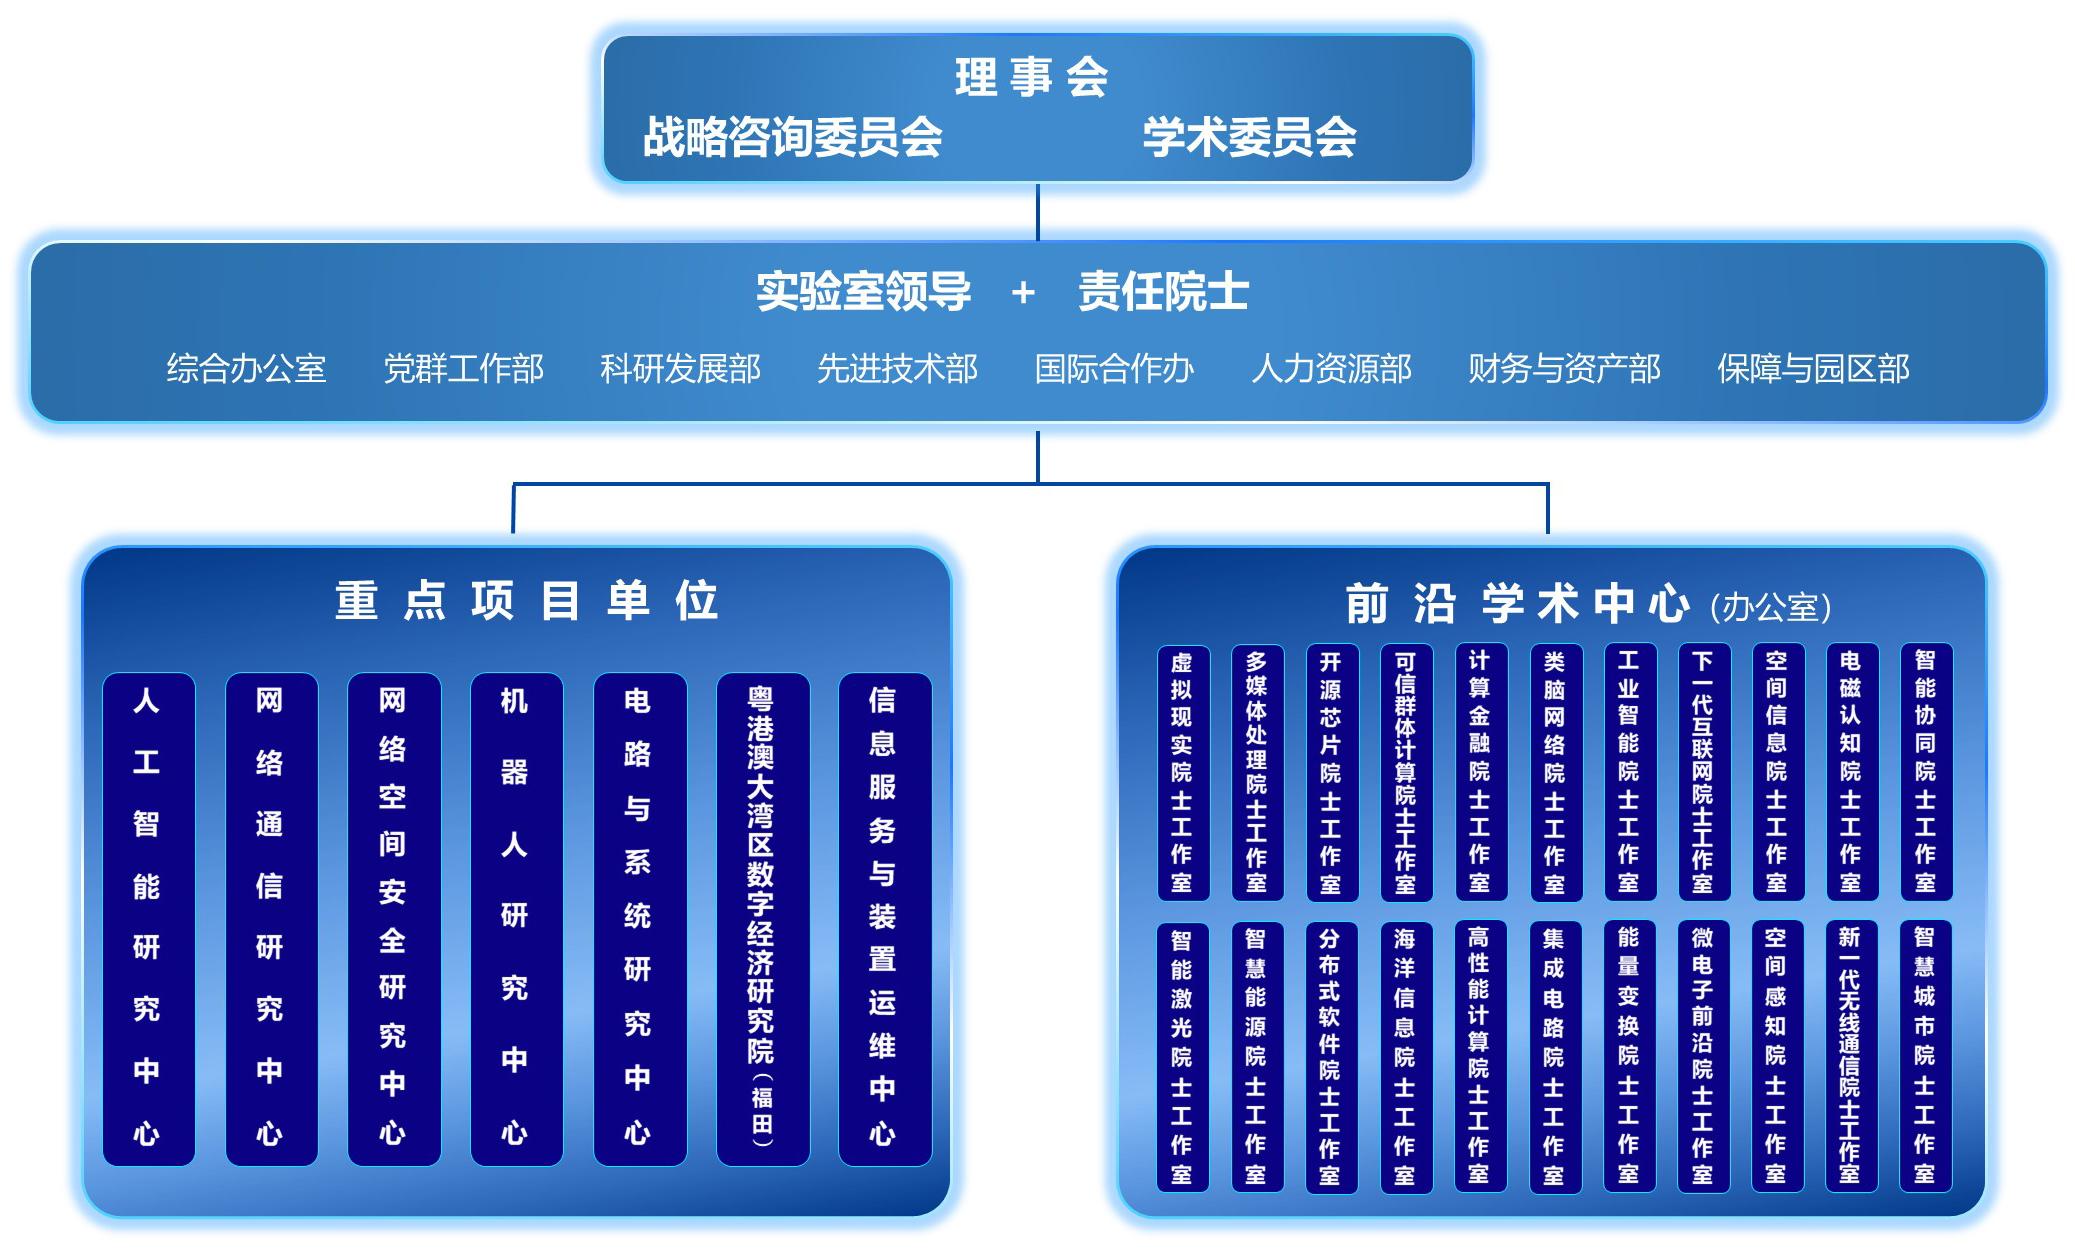 组织架构图.jpg